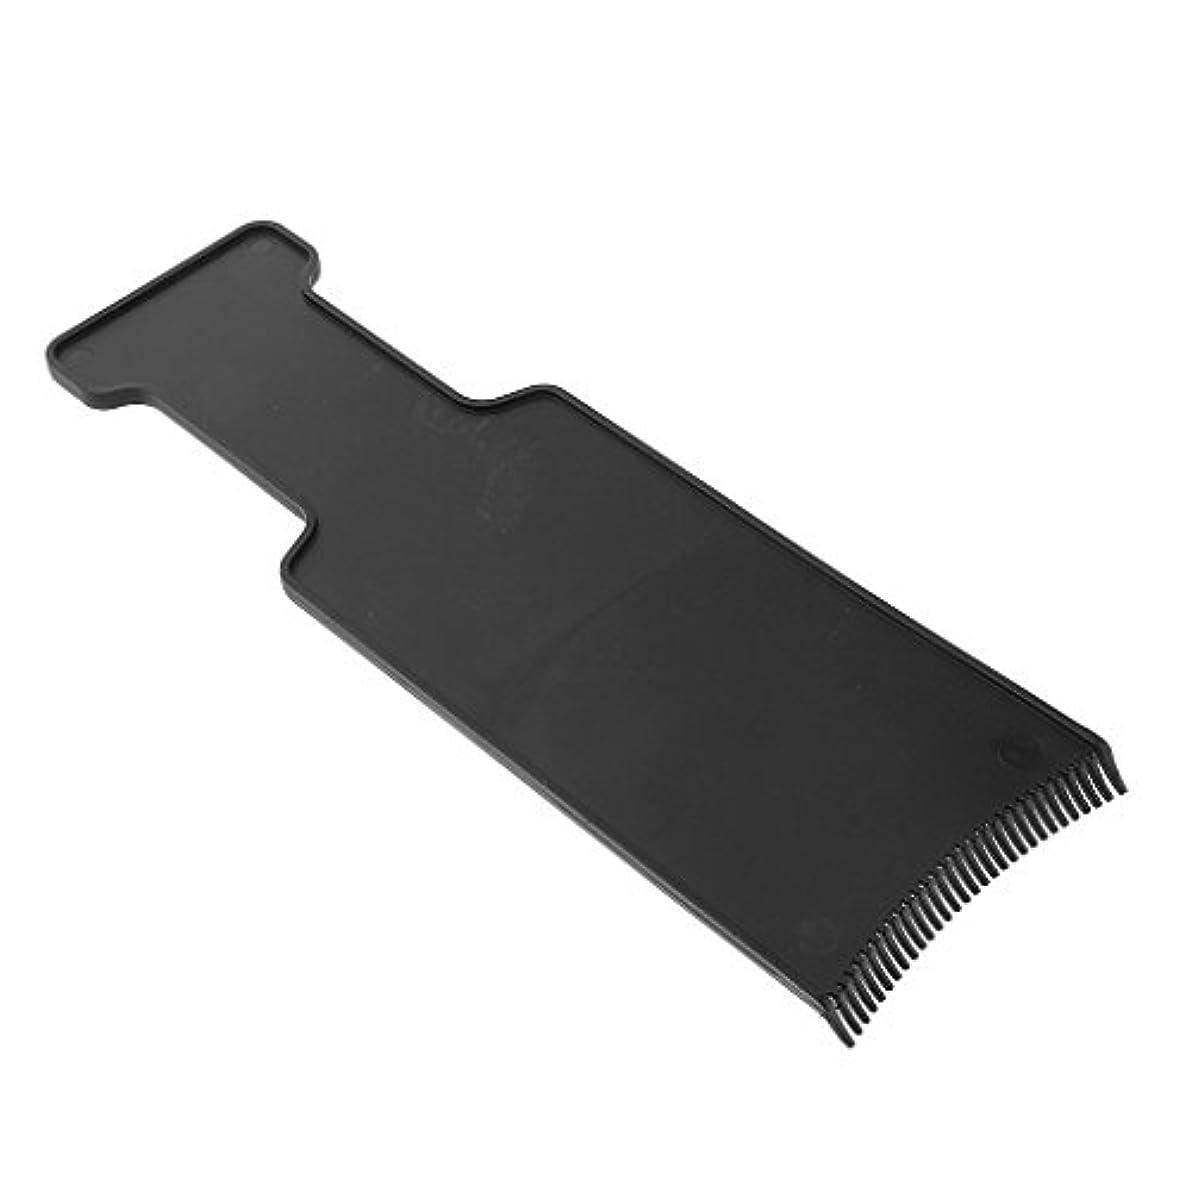 制限された獲物ホイットニーHomyl ヘアカラー ボード 染色 ツール ブラック 全4サイズ - M